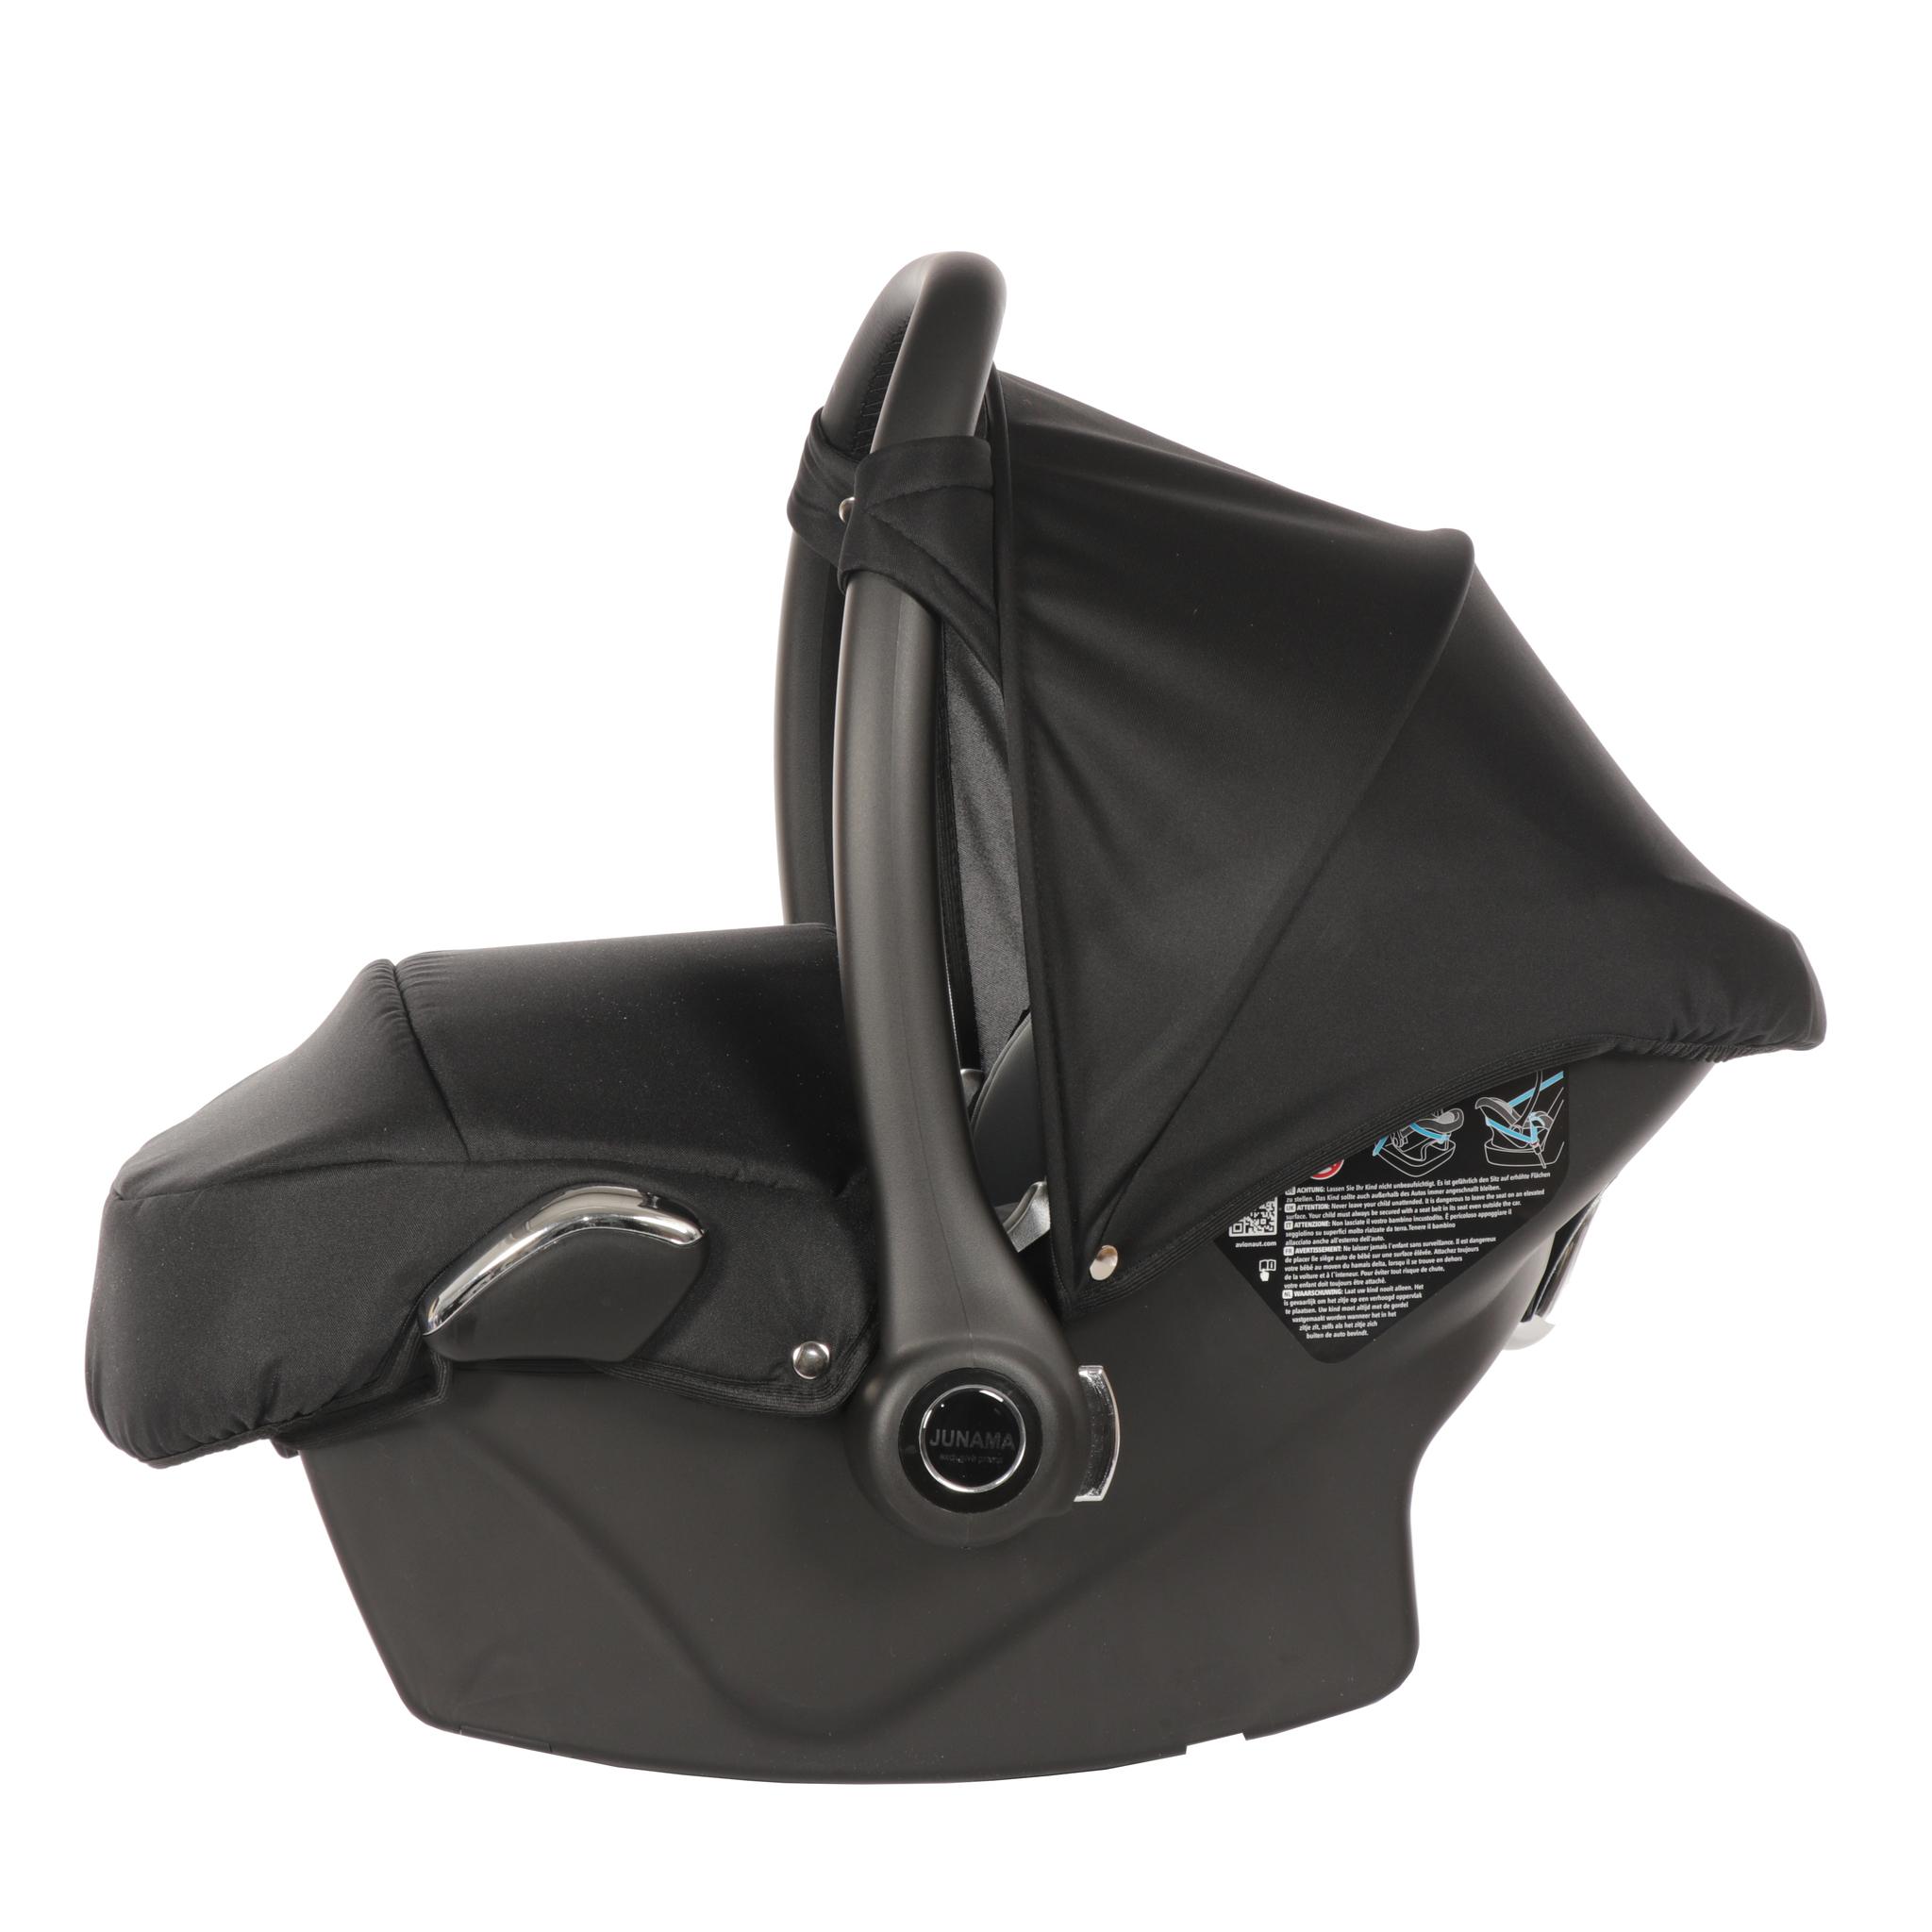 JUNAMA Автокресло JUNAMA (Ткань) черное с серебром  AJ-S03 AJ-S03_черныйсеребро.JPG